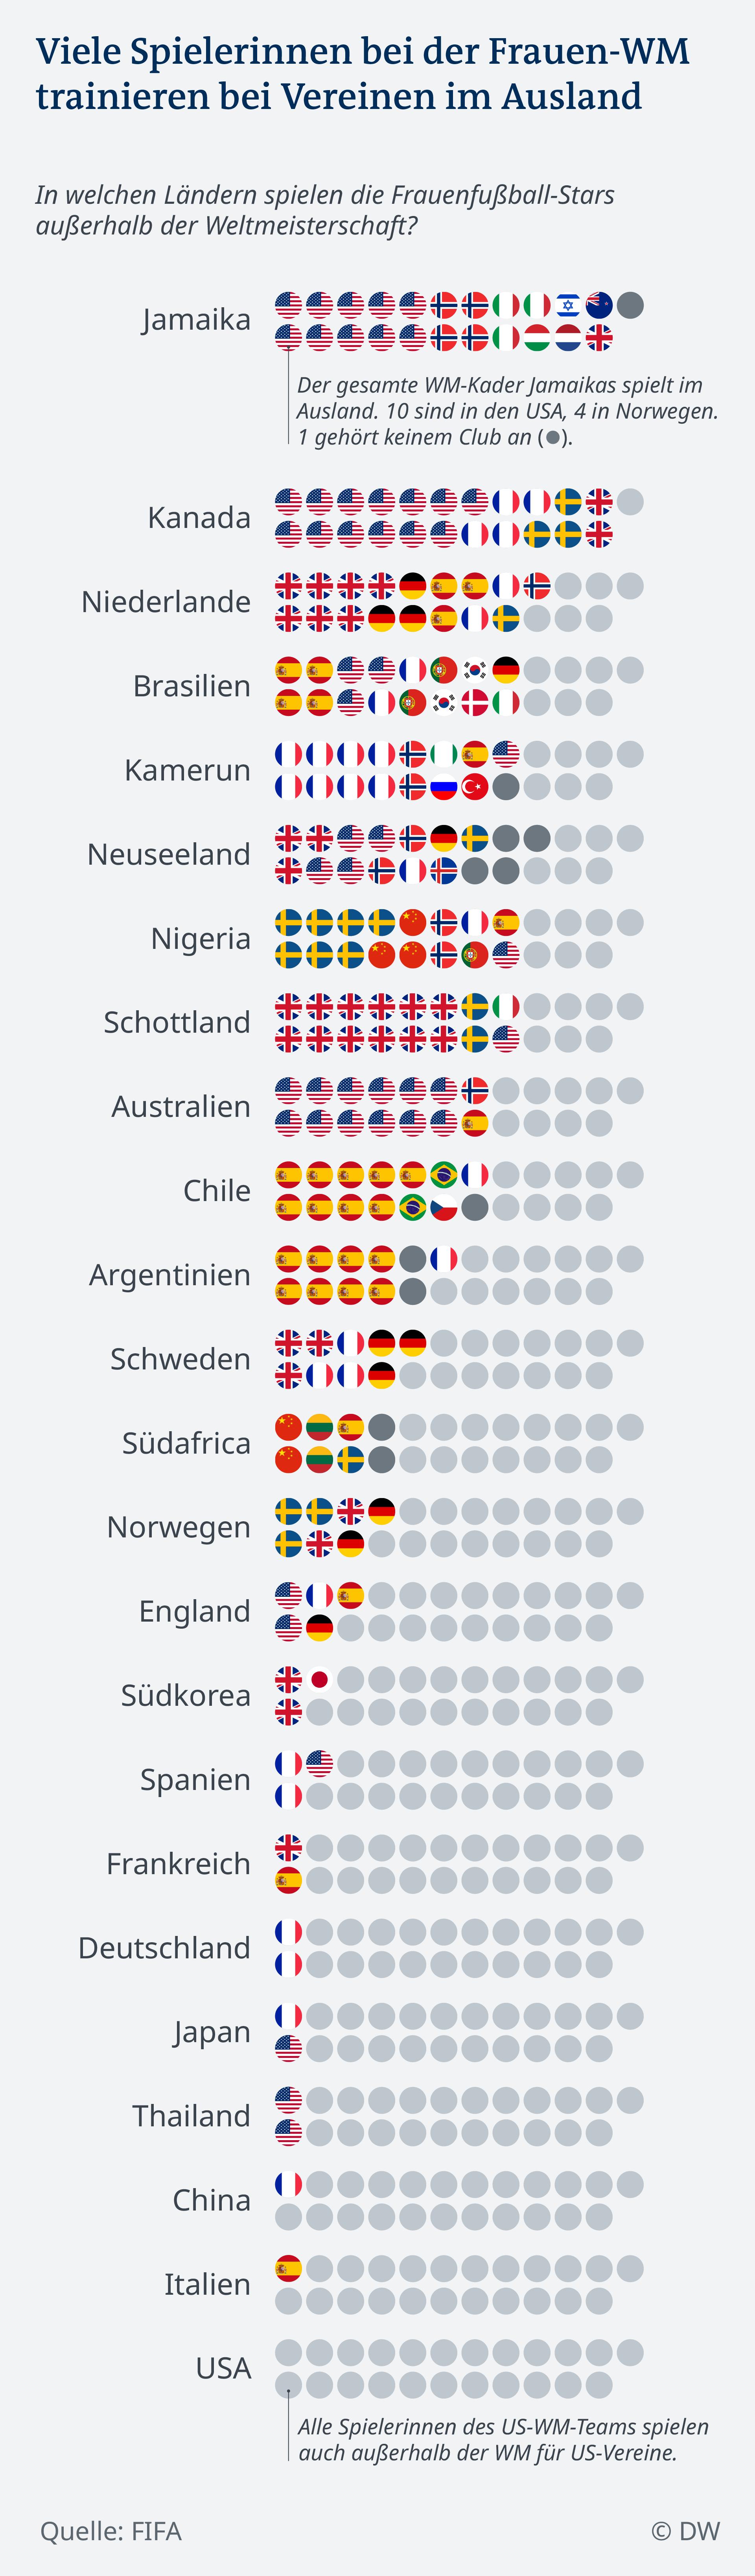 Data visualization Women's World Cup 2019 Datenvisualisierung Frauenfußball-WM 2019 Teams nach Club-Ländern